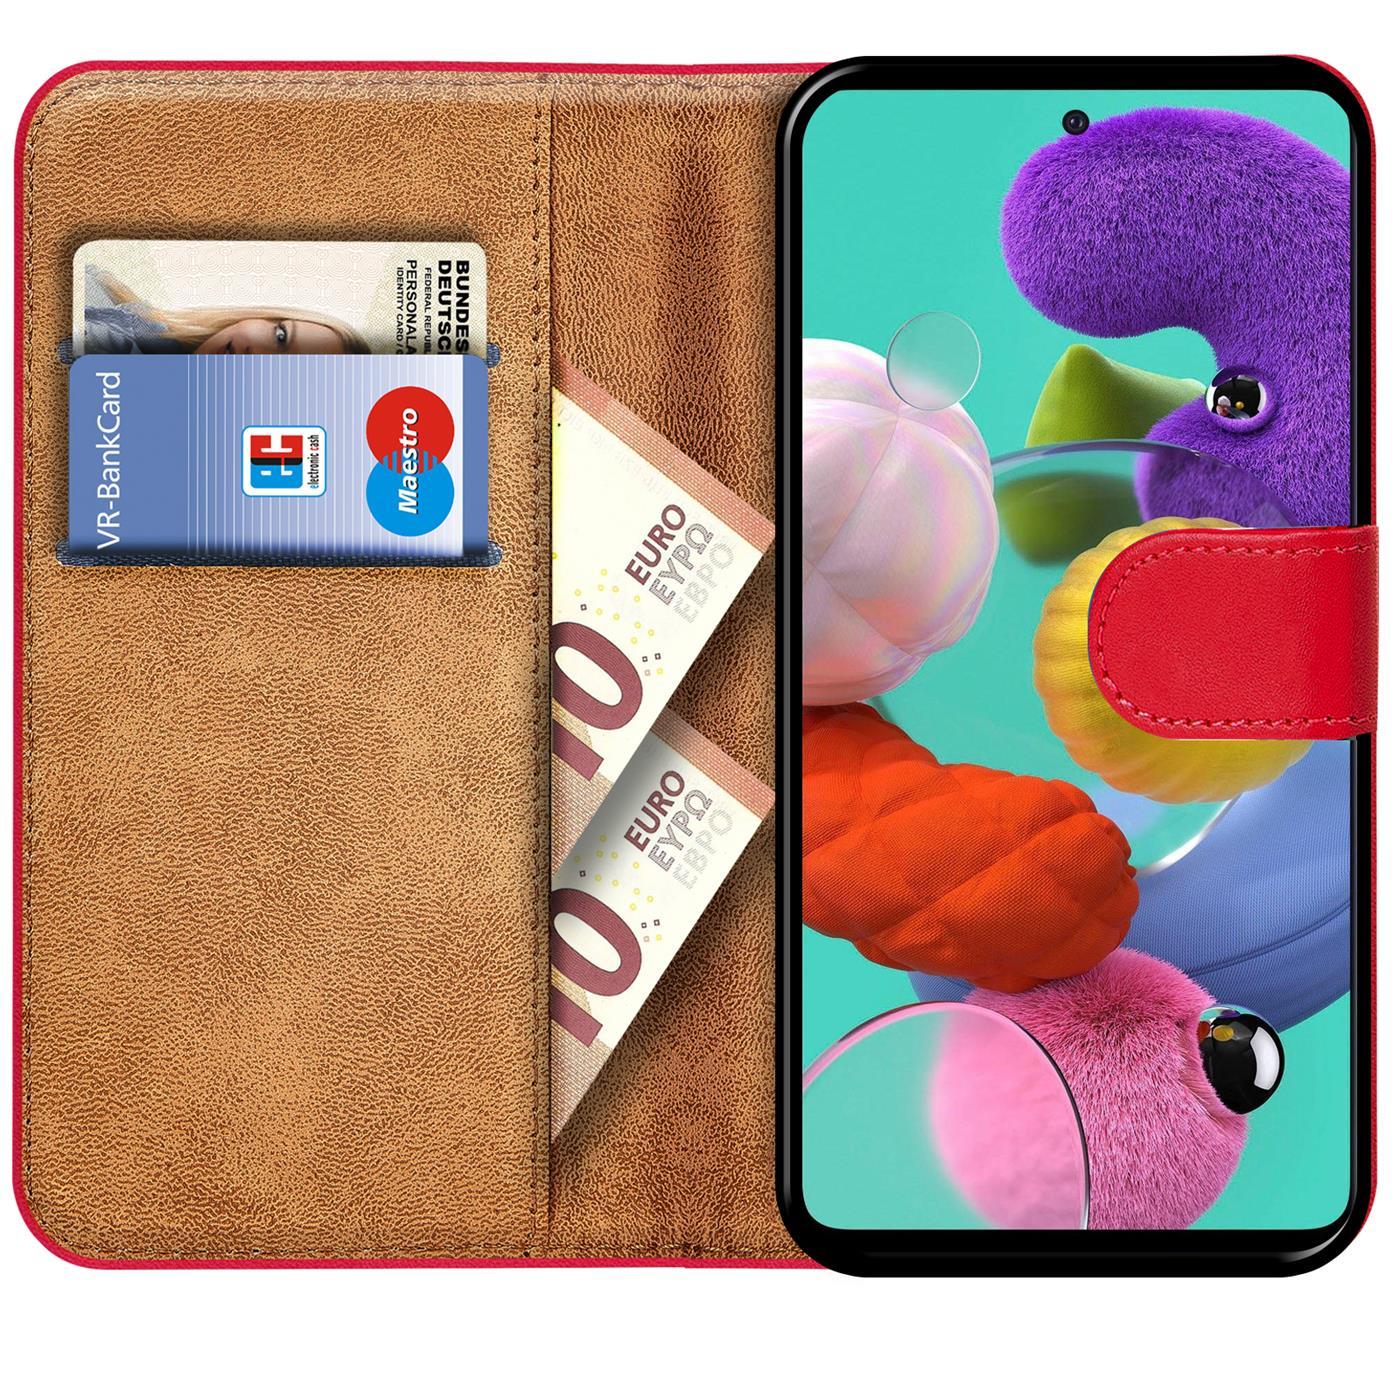 Schutz-Huelle-Samsung-Galaxy-Handy-Klapp-Tasche-Book-Flip-Case-Schutzhuelle-Etui Indexbild 15